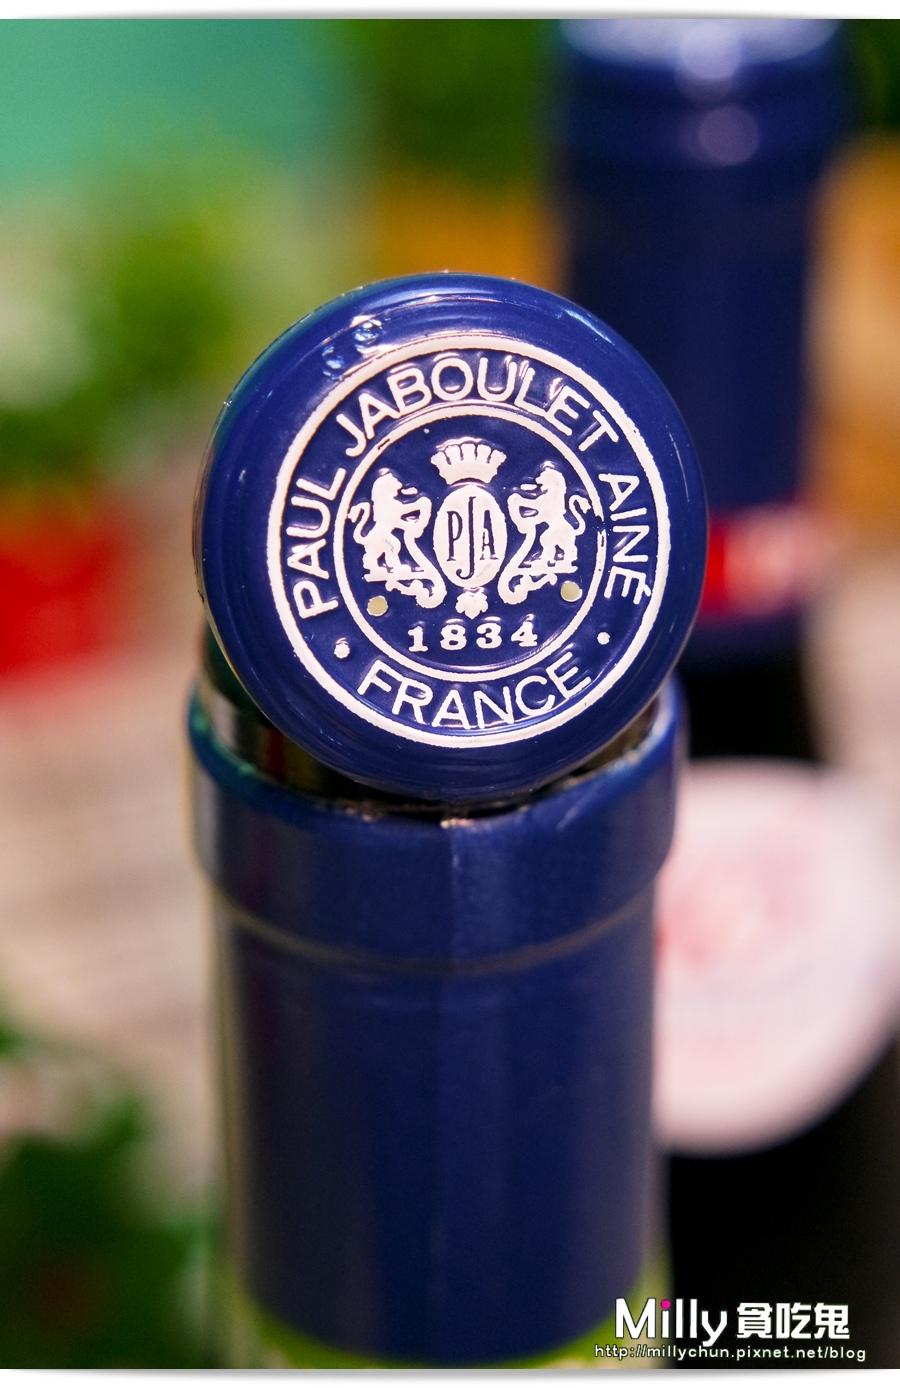 法國食品協會 00008.jpg